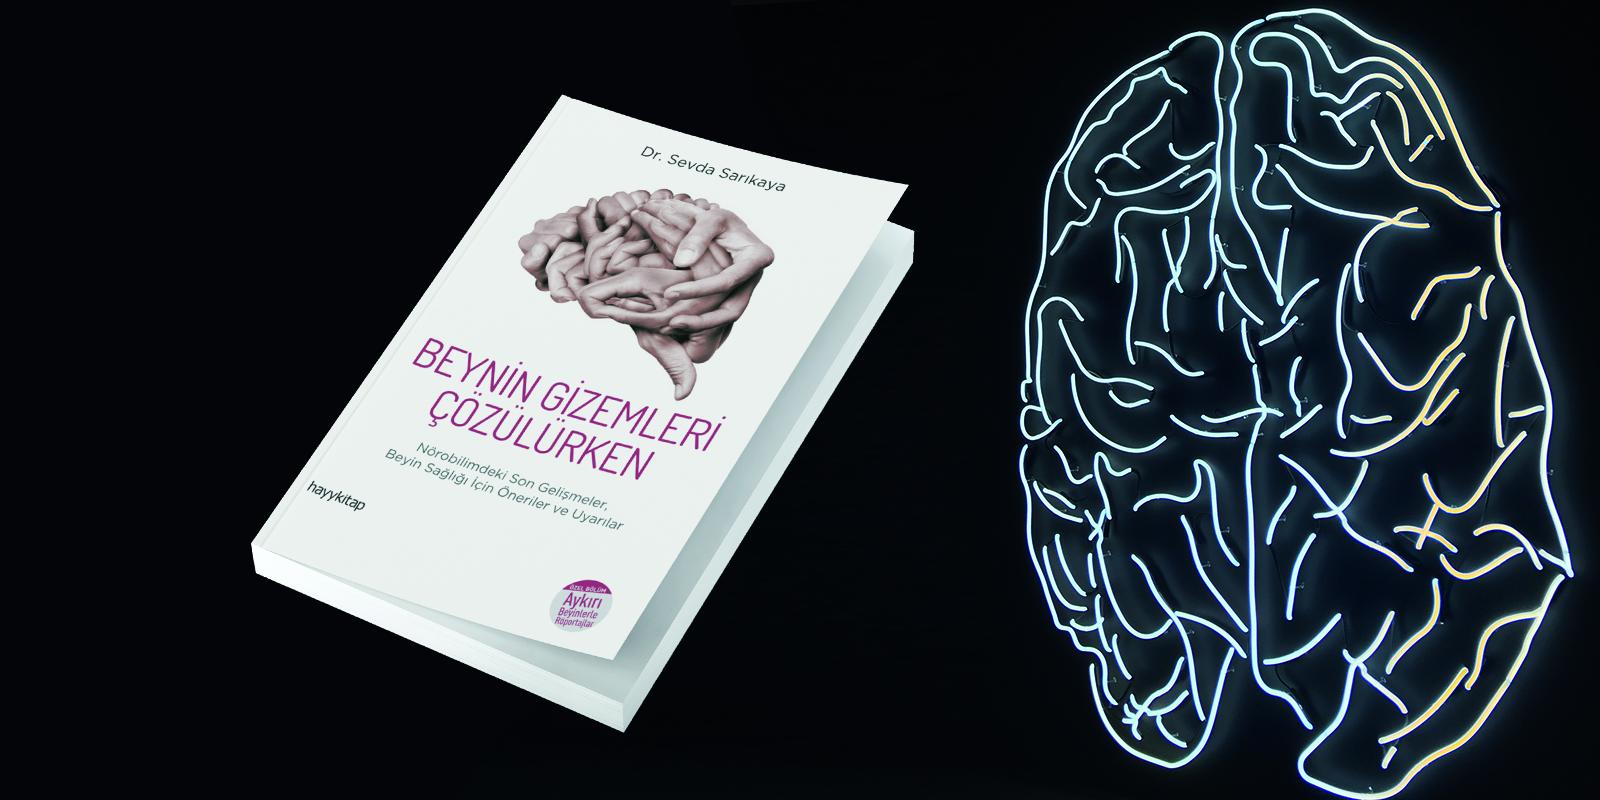 Beynin Gizemleri Çözülürken